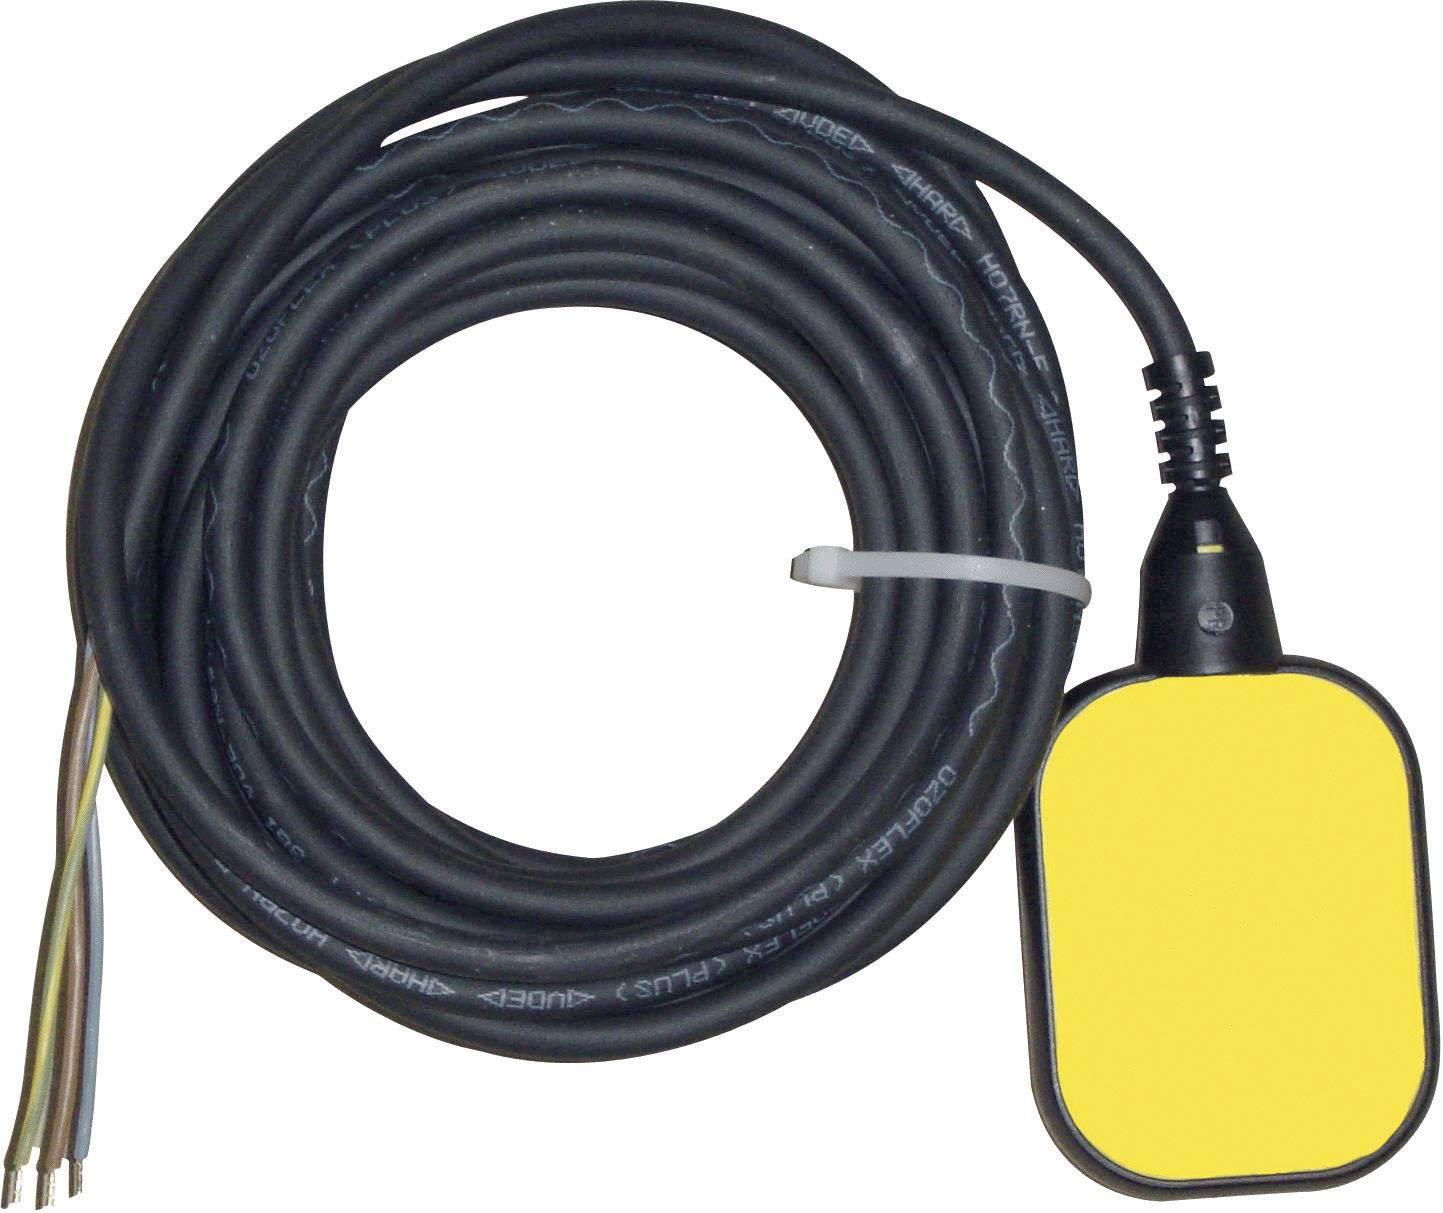 Plavákový spínač pre napúšťanie/vypúšťanie Zehnder Pumpen 14529, 5 m, žltý